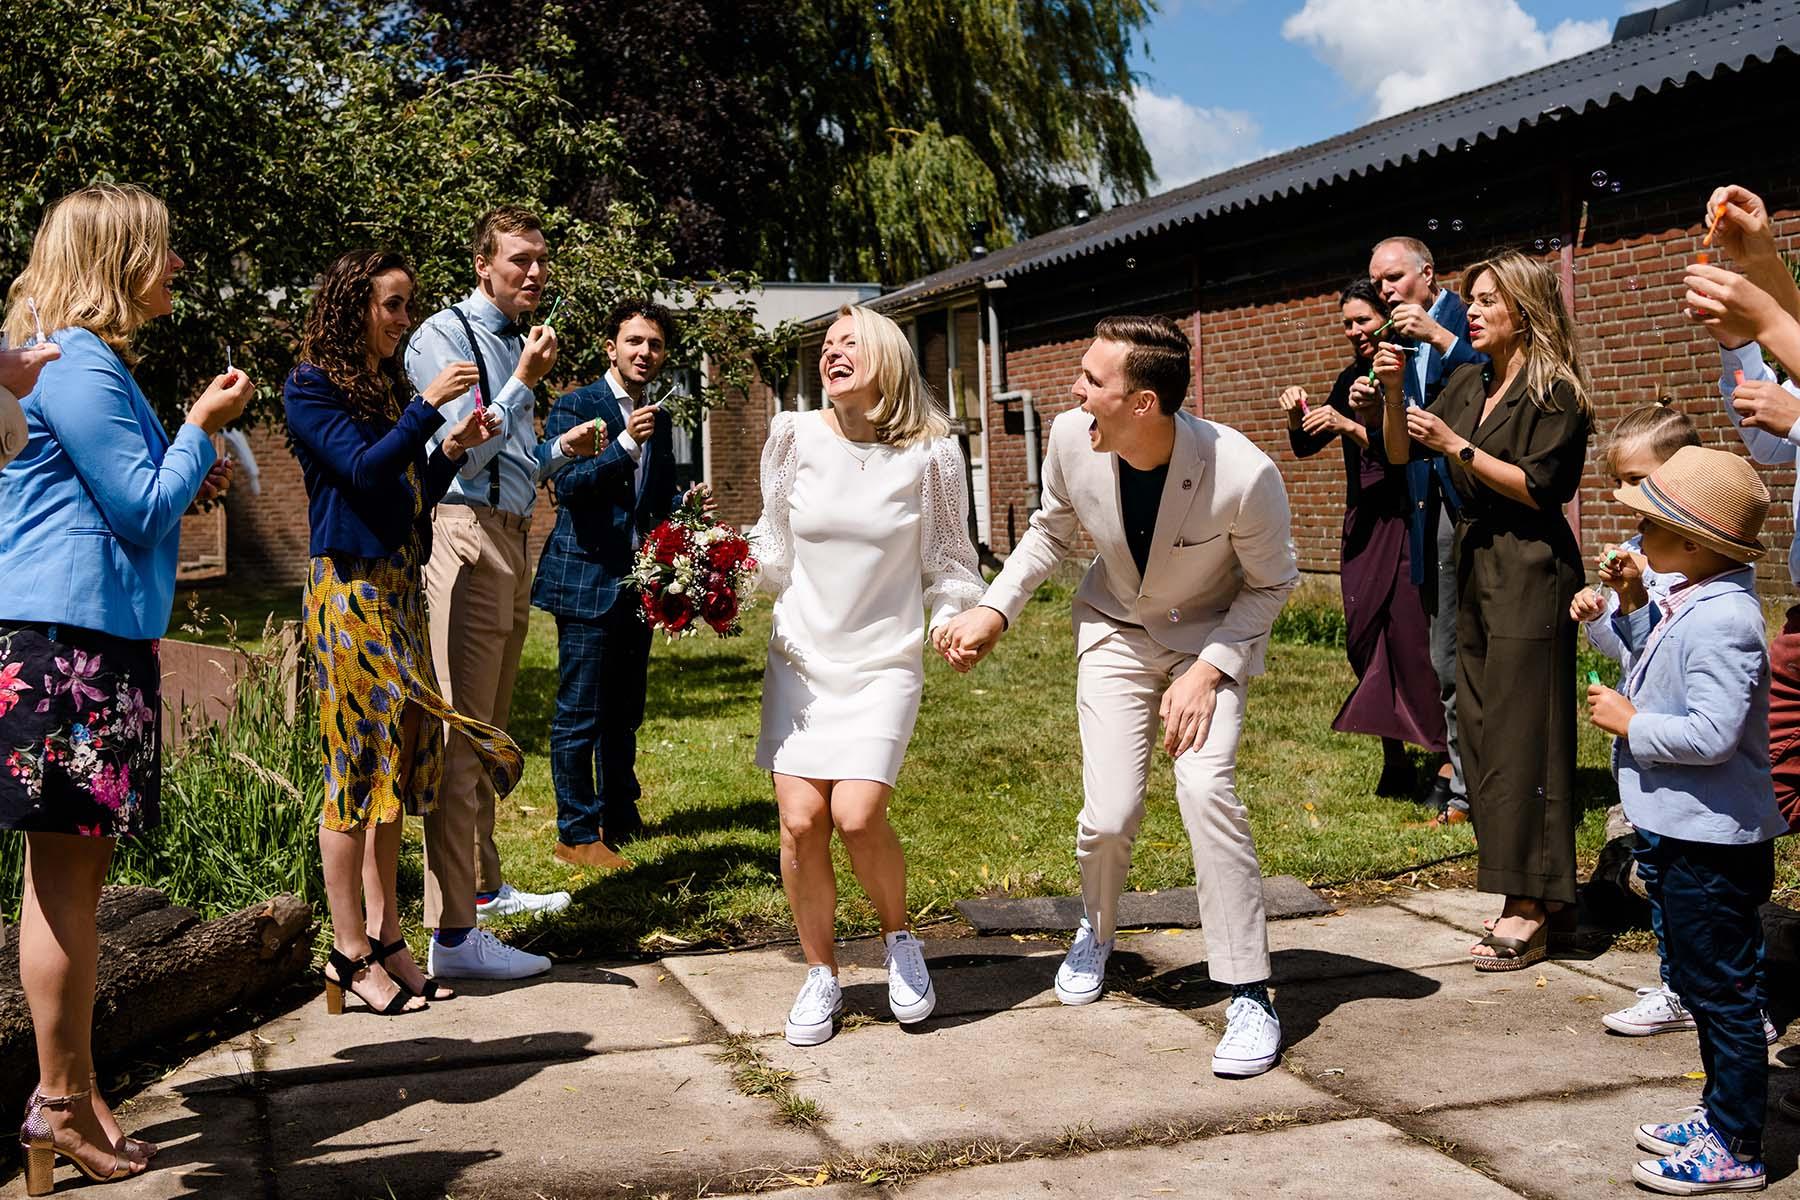 Trouwen in de zomer   Trouwen in de lente   Bruidspaar   Hip Bruidspaar   Korte trouwjurk   Trouwen op sneakers